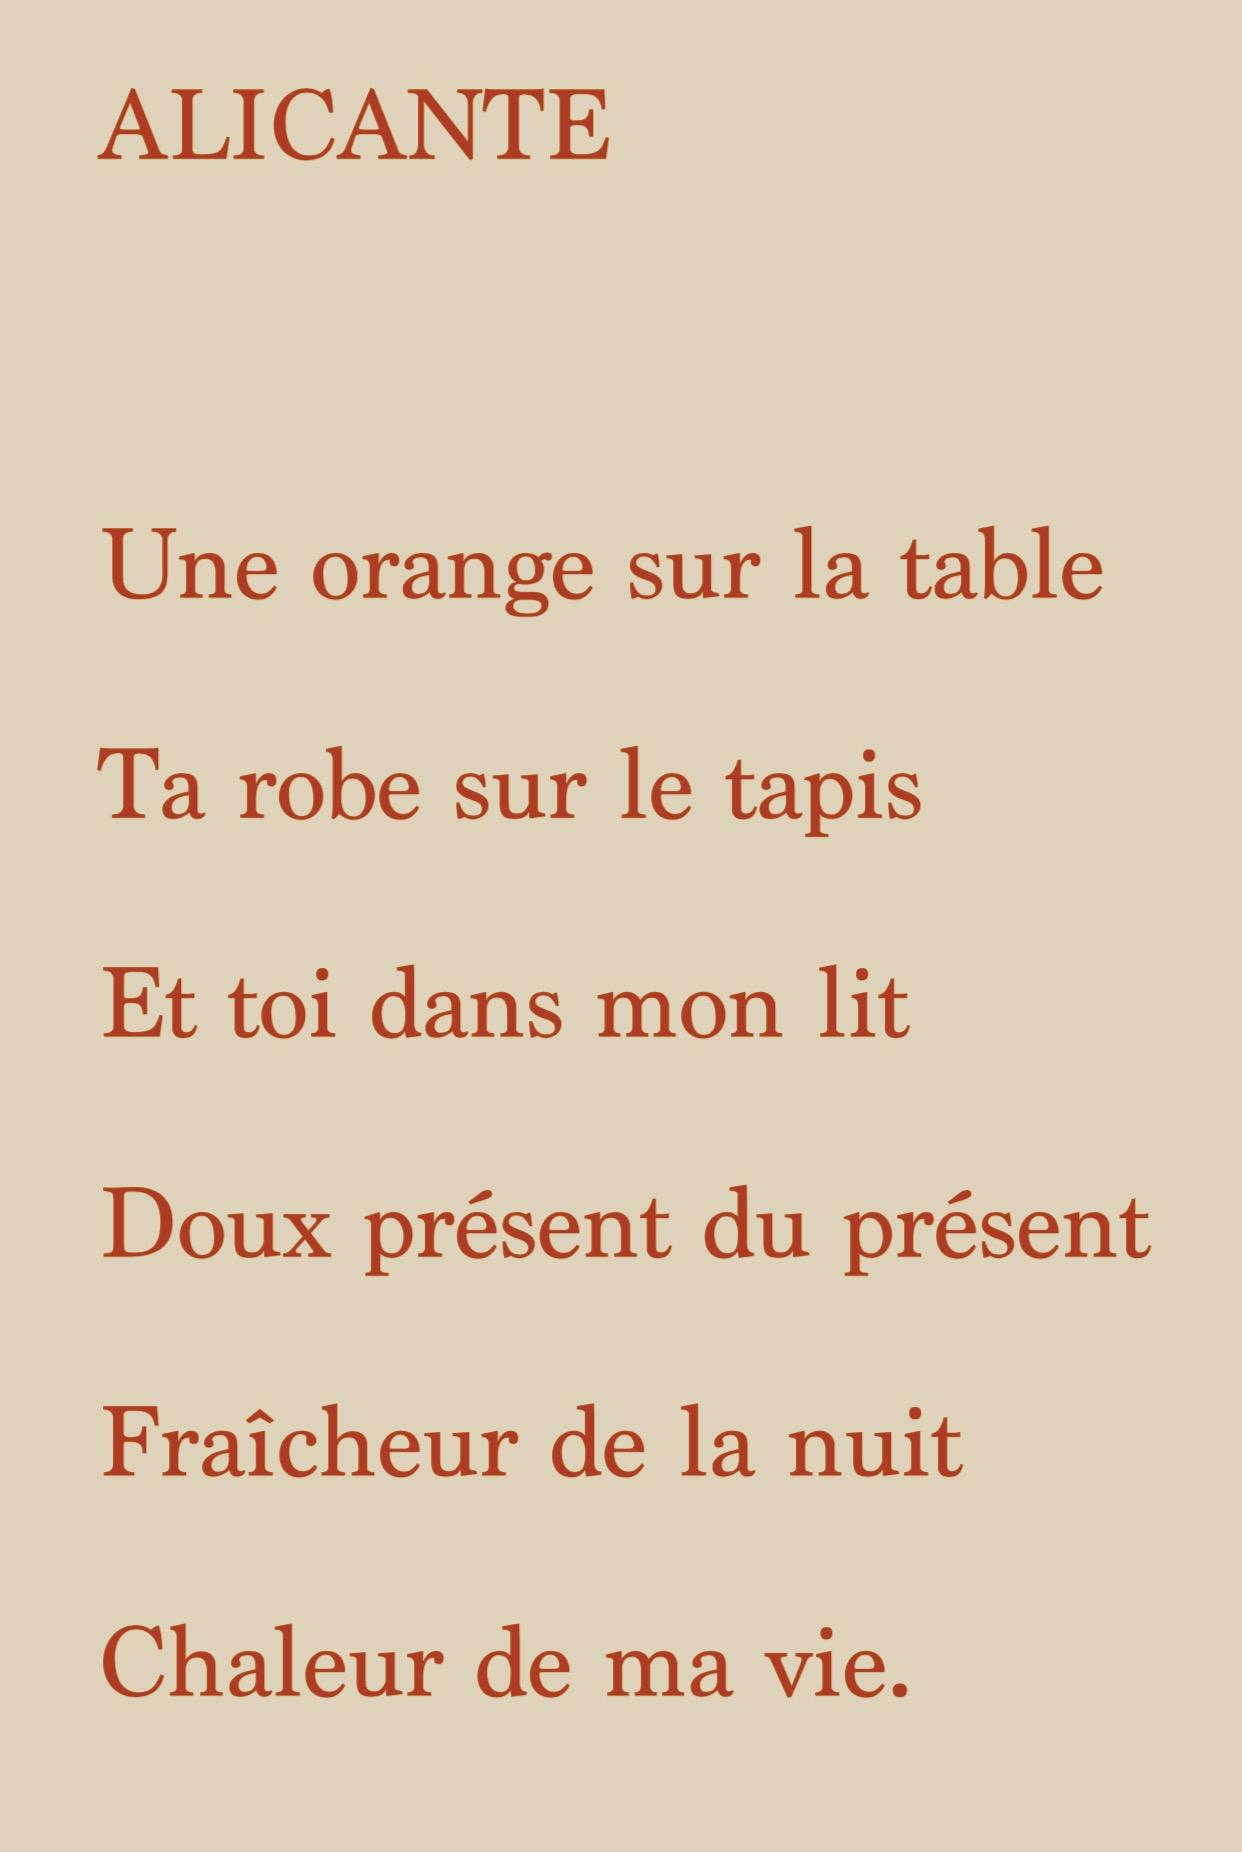 Jacques Prévert : Poète Indépendant Et Libre Penseur – Des à Poeme De Jacque Prevert